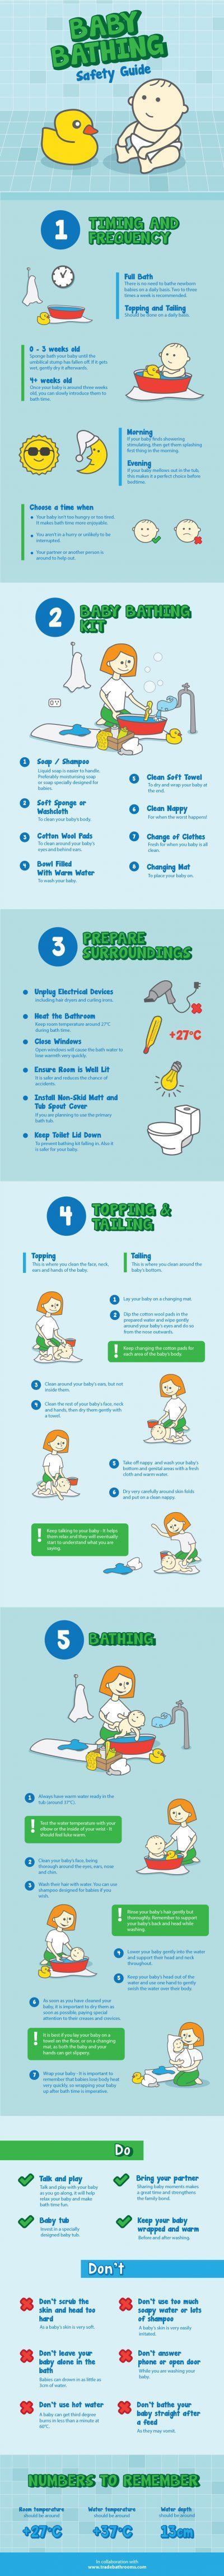 baby-bathing-safety-e1478456780304